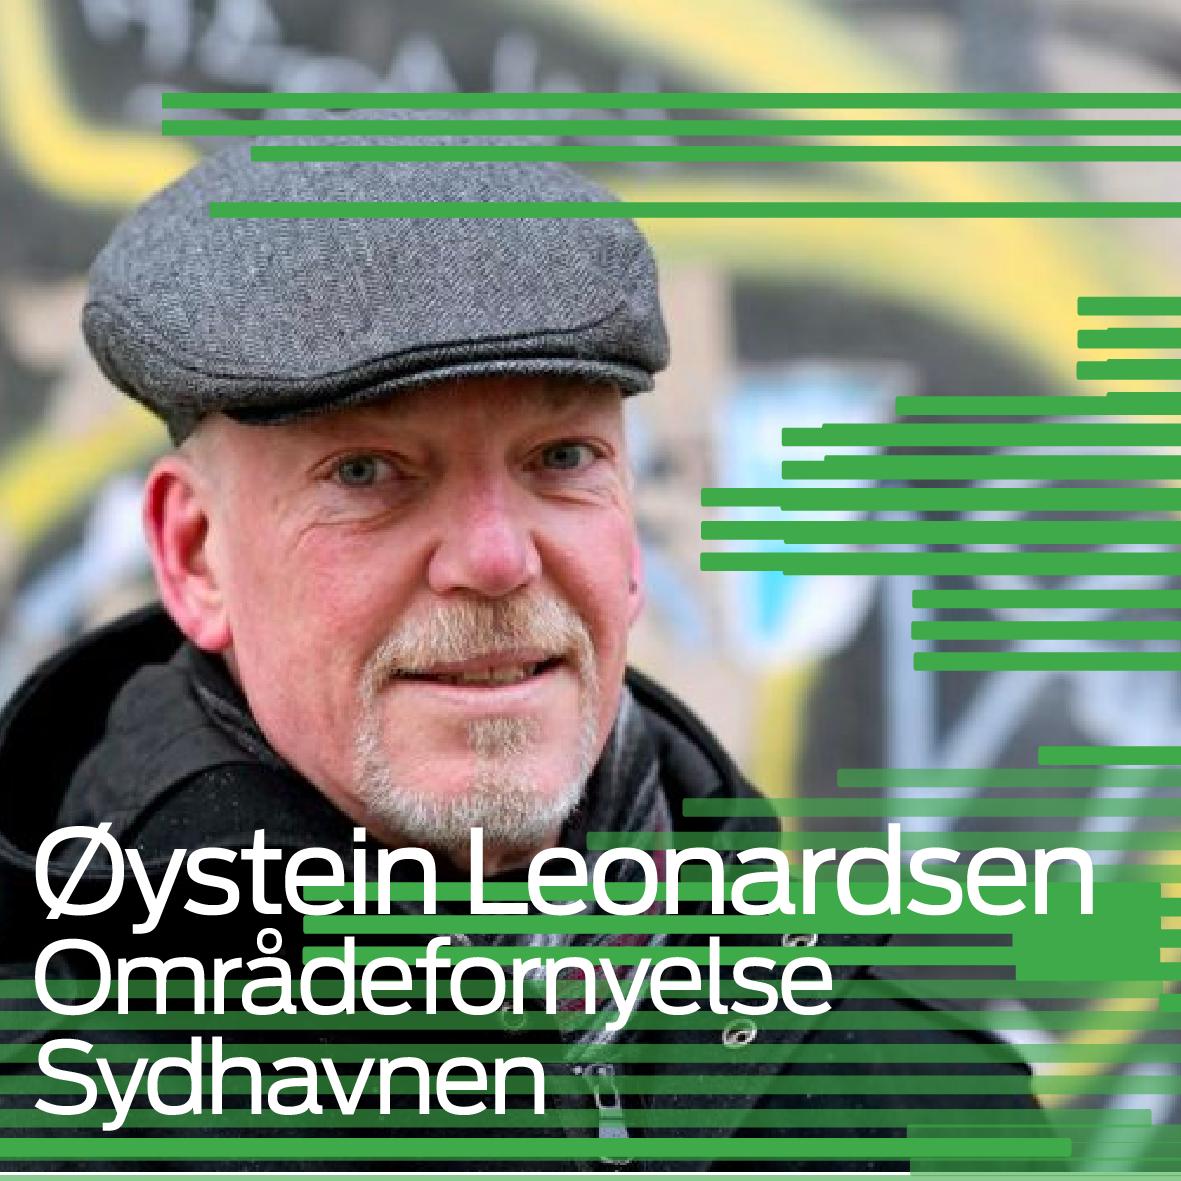 øystein leonardsen-01.png